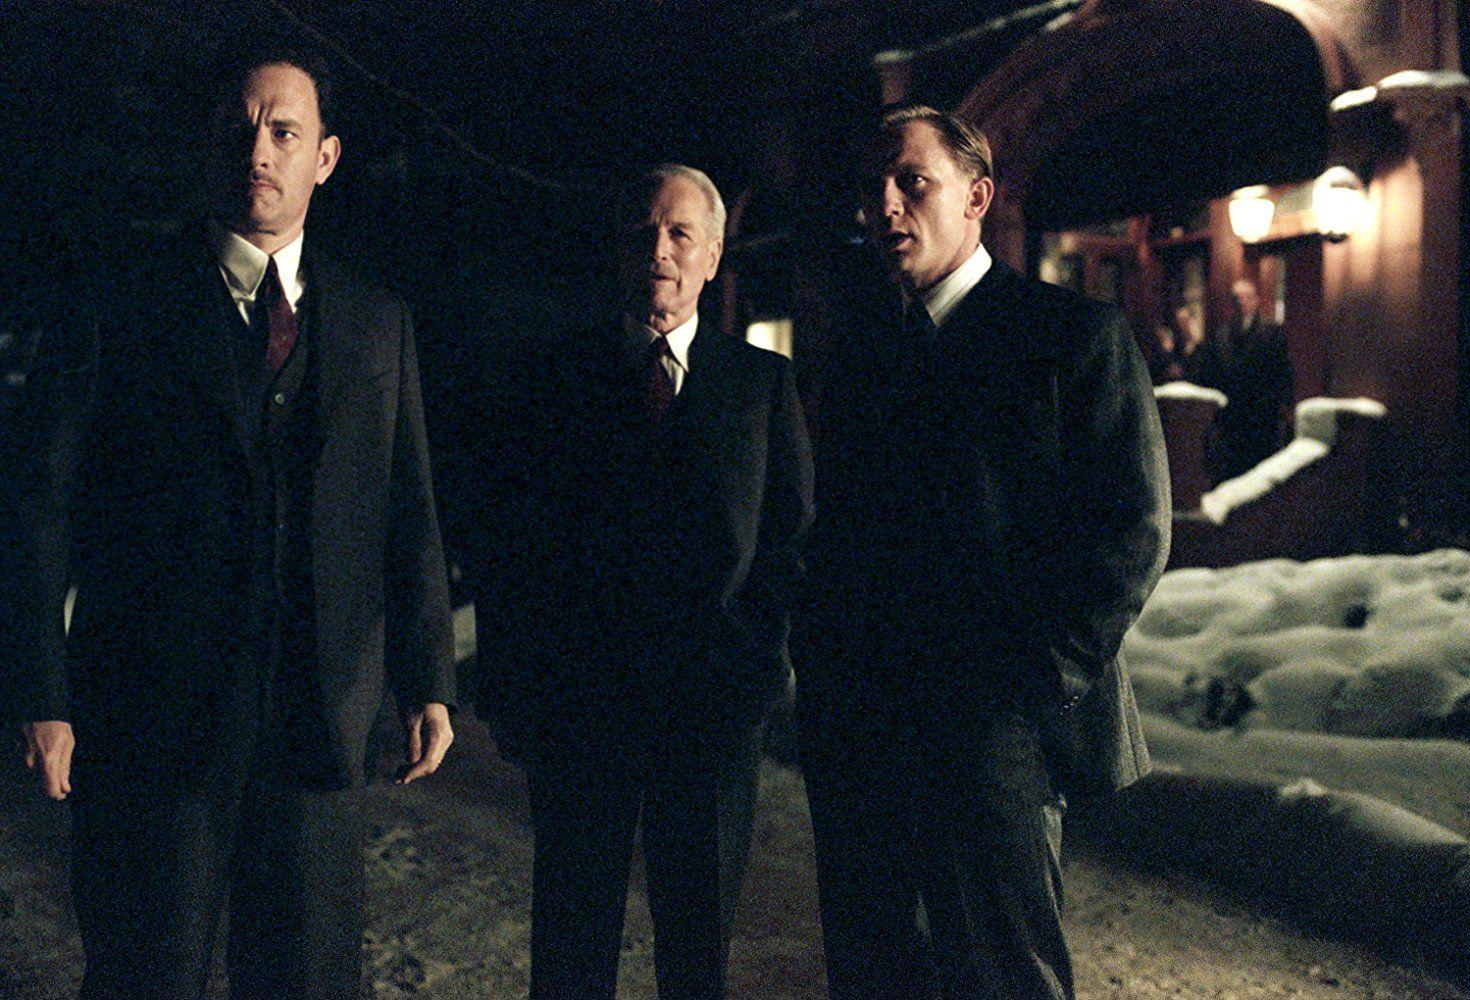 Era Mio Padre Trama Cast E Curiosità Del Film Con Tom Hanks E Paul Newman Tvzap